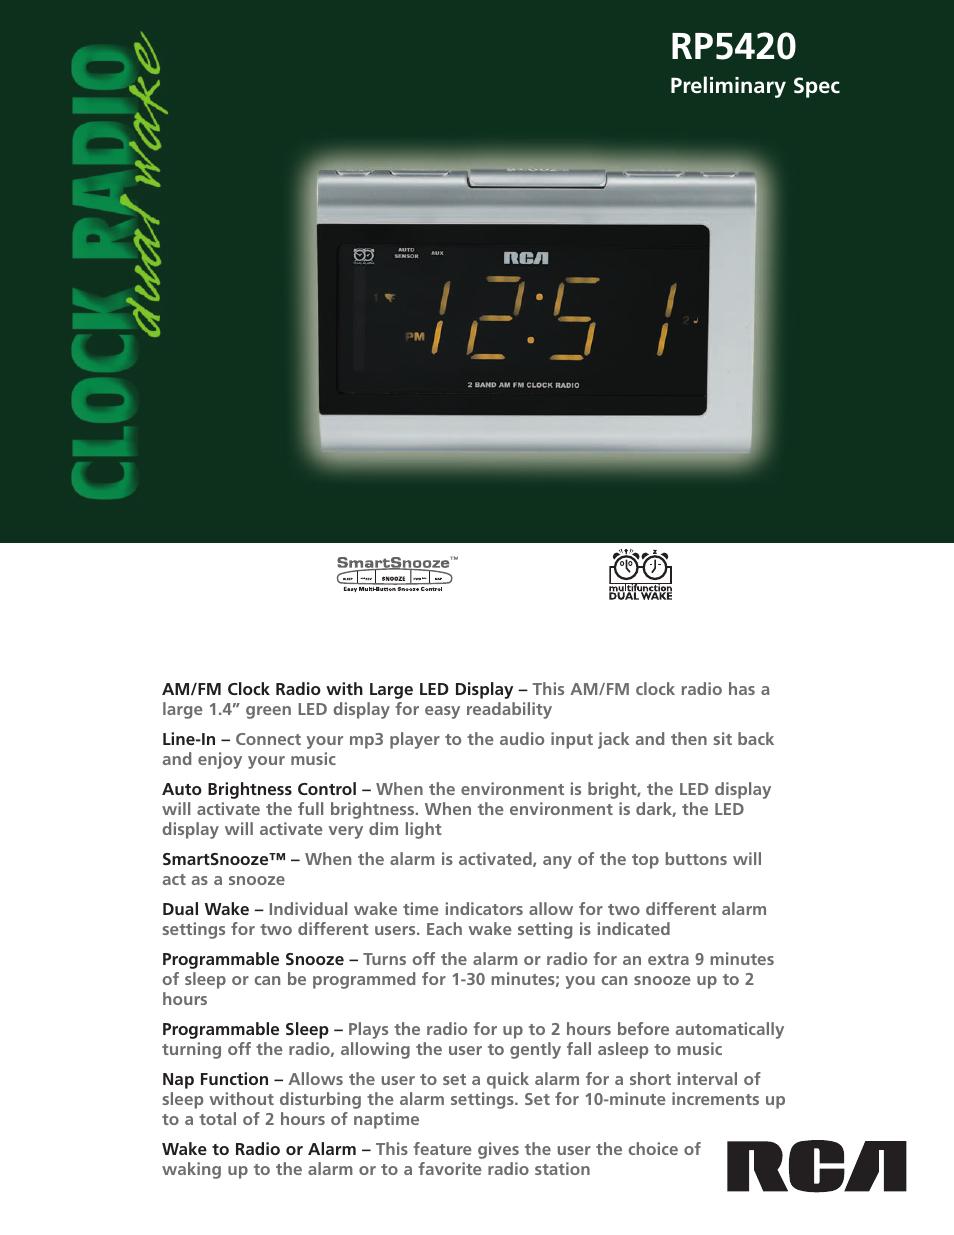 rca rp5420 user manual 2 pages rh manualsdir com RCA Dual Clock Radio Manual rca 2 band clock radio manual